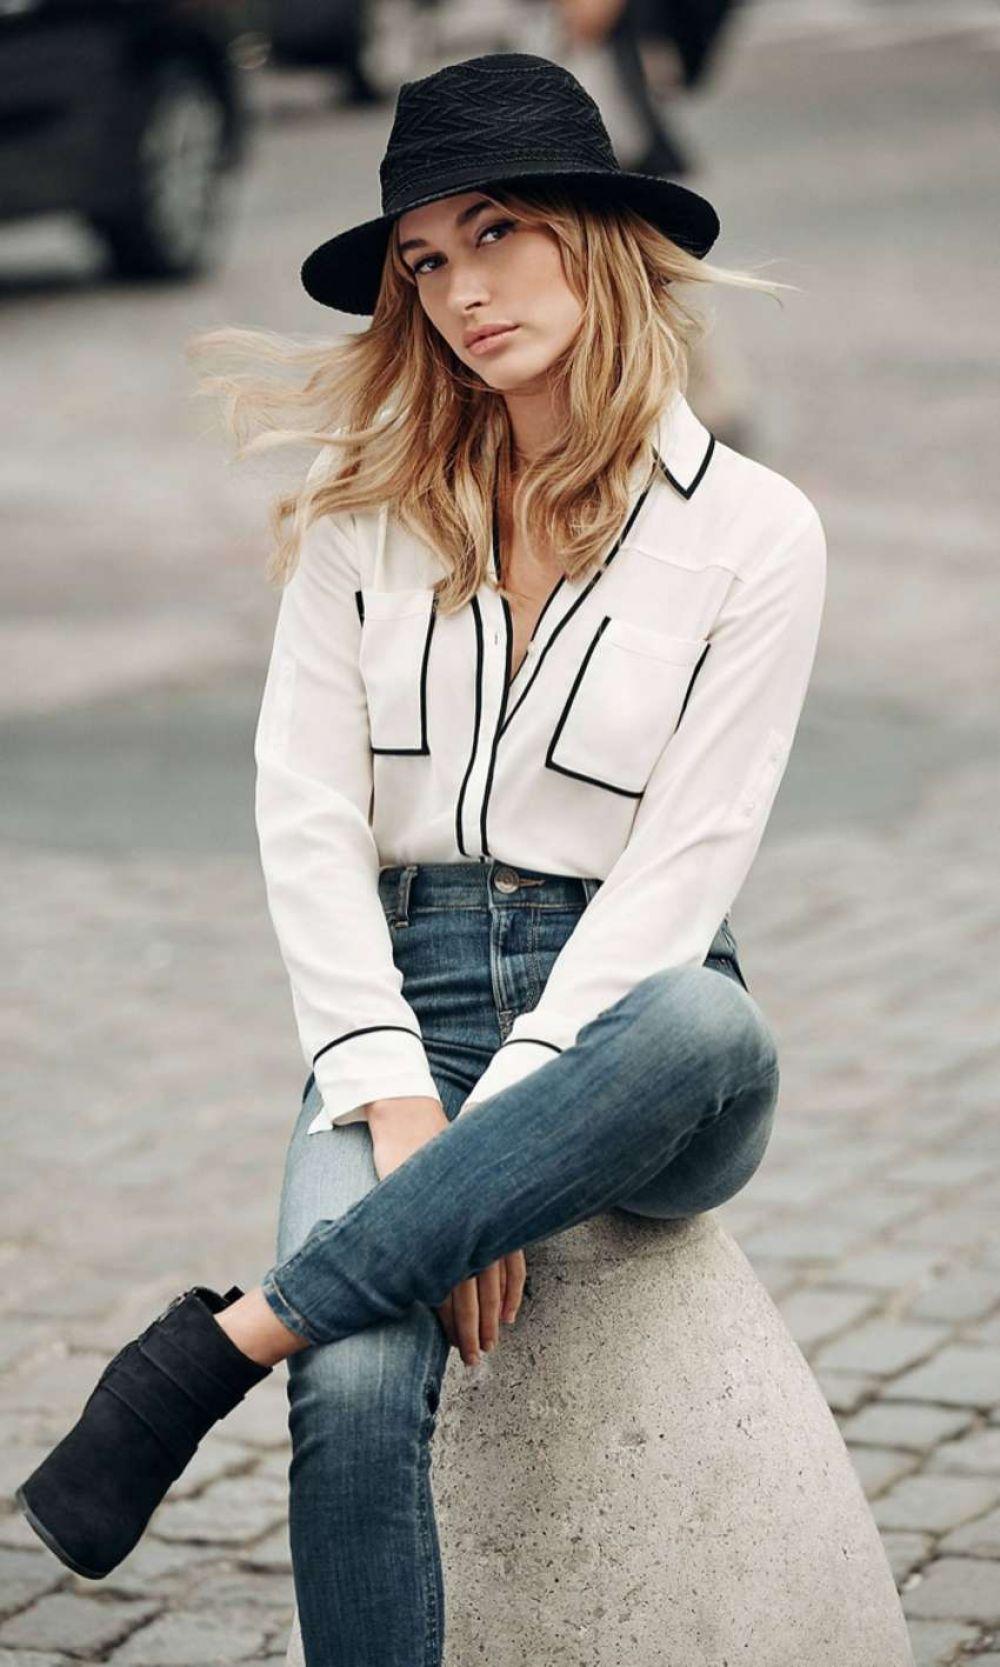 White t shirt express - Hailey Baldwin For Express T Shirt Lookbook 2016